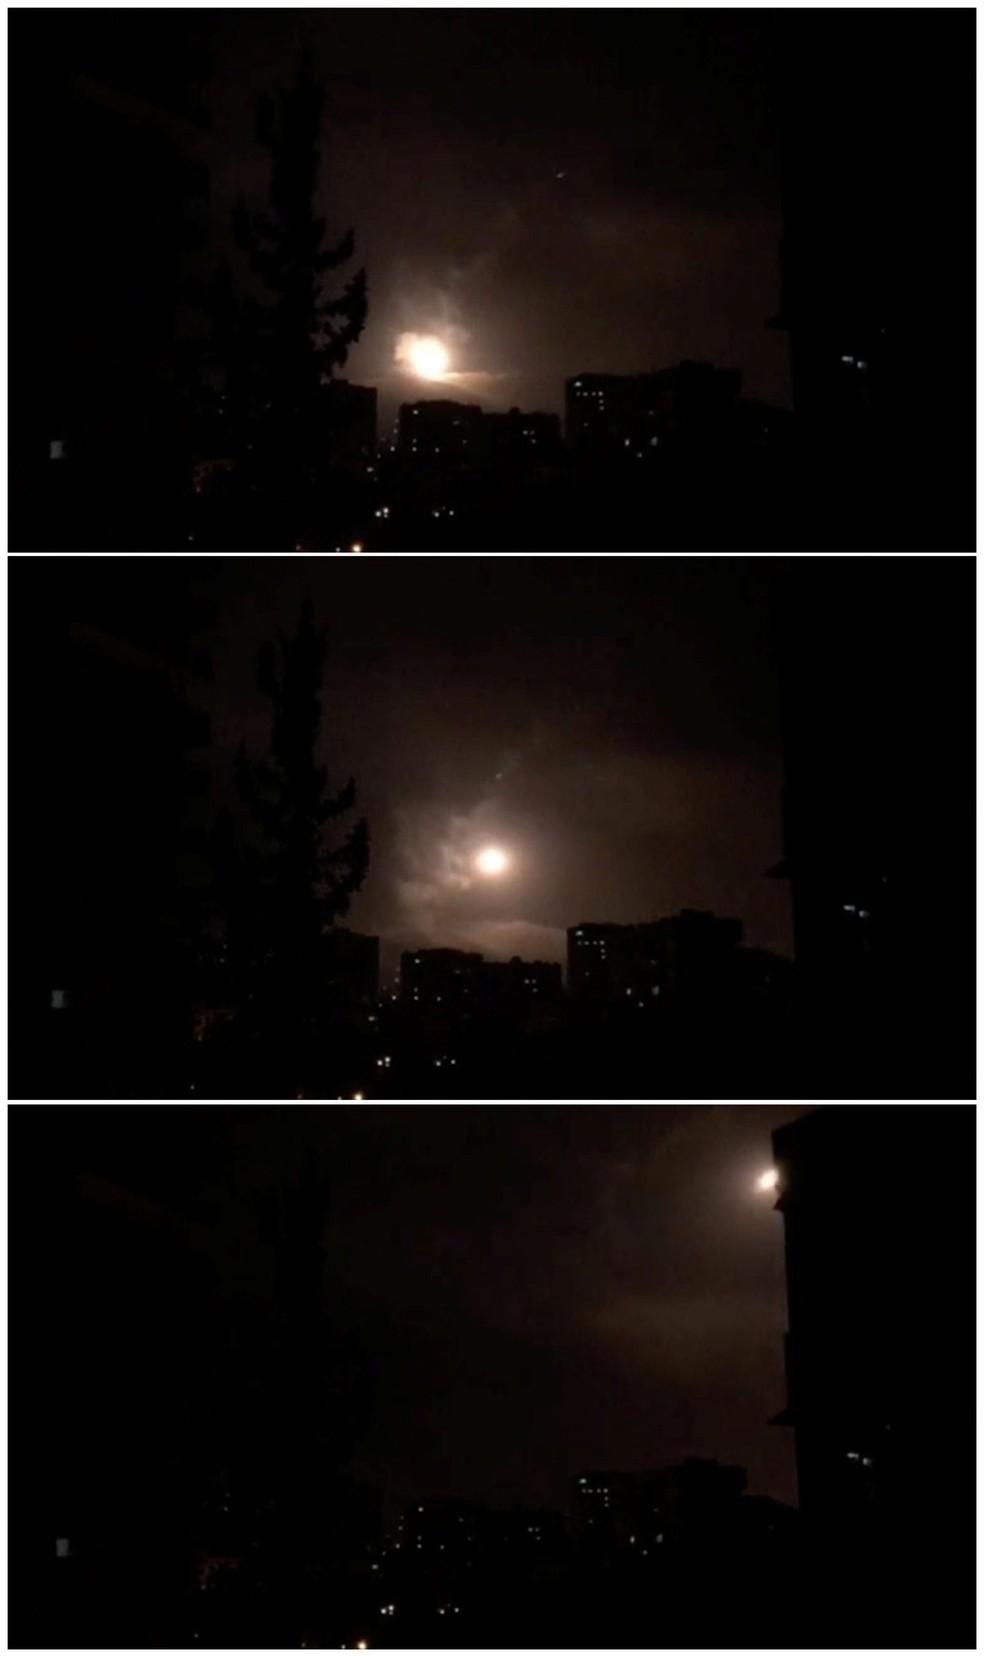 Montagem mostra ação do sistema de defesa sírio contra os mísseis lançados por EUA, França e Reino Unido (Foto: TV Síria/via Reuters)